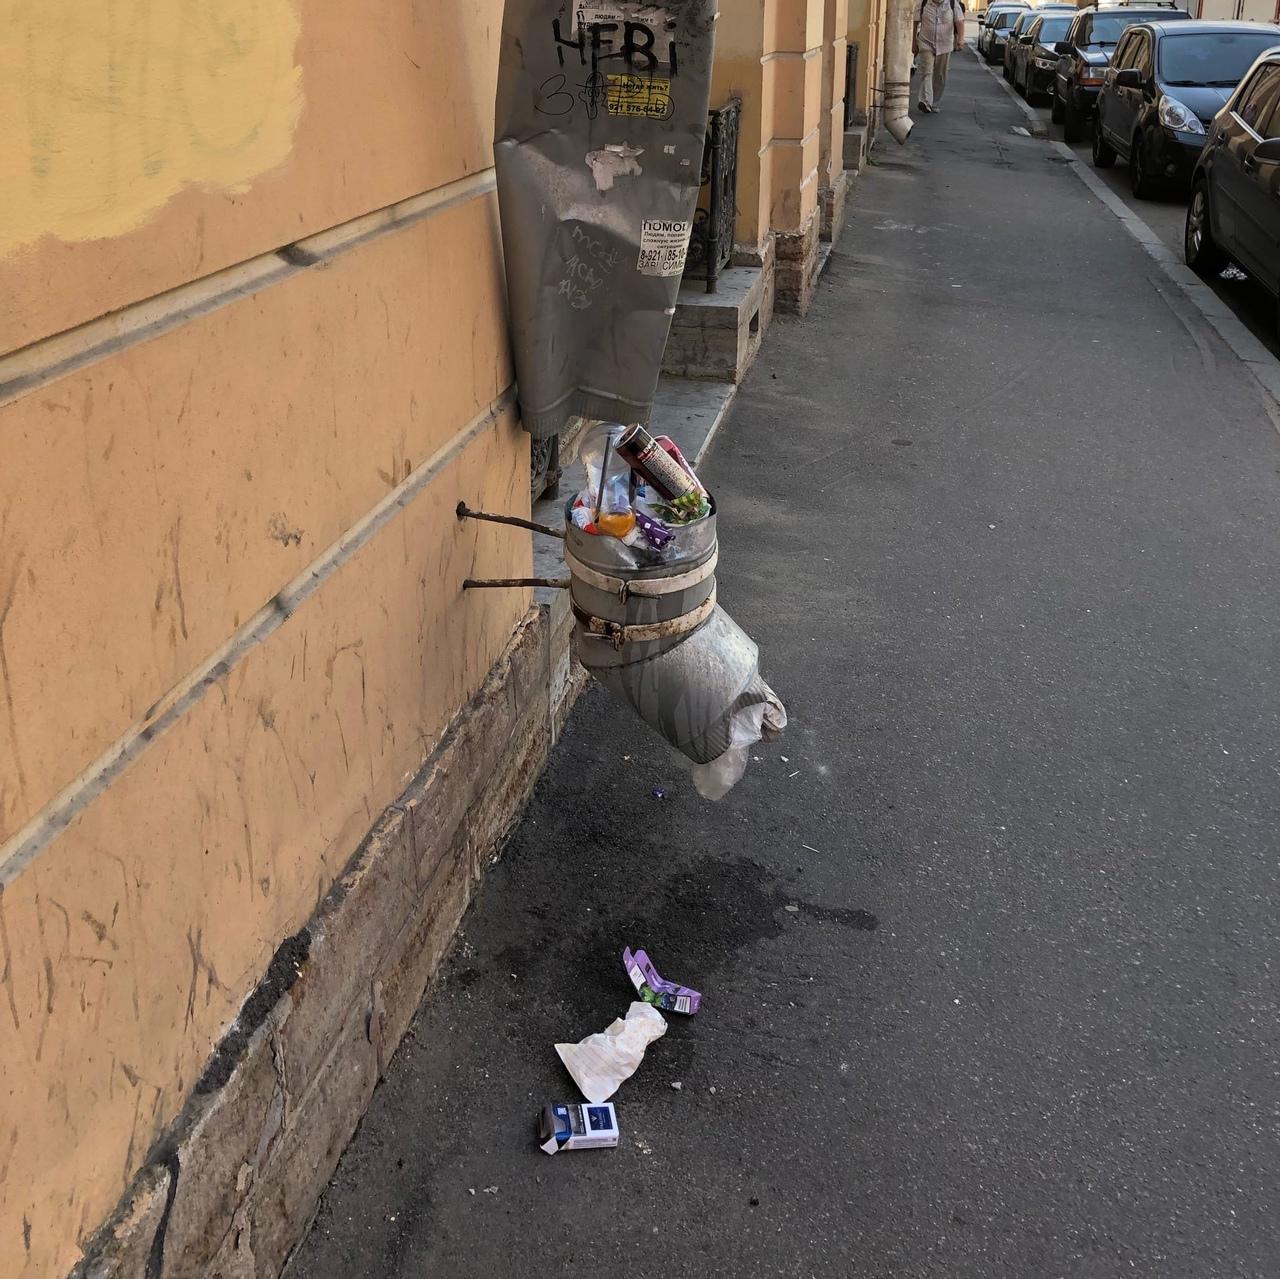 Новый арт-объект на Ломоносова 26. Встречайте, «Водосточная мусорка». P.S. К сожалению, художника ...